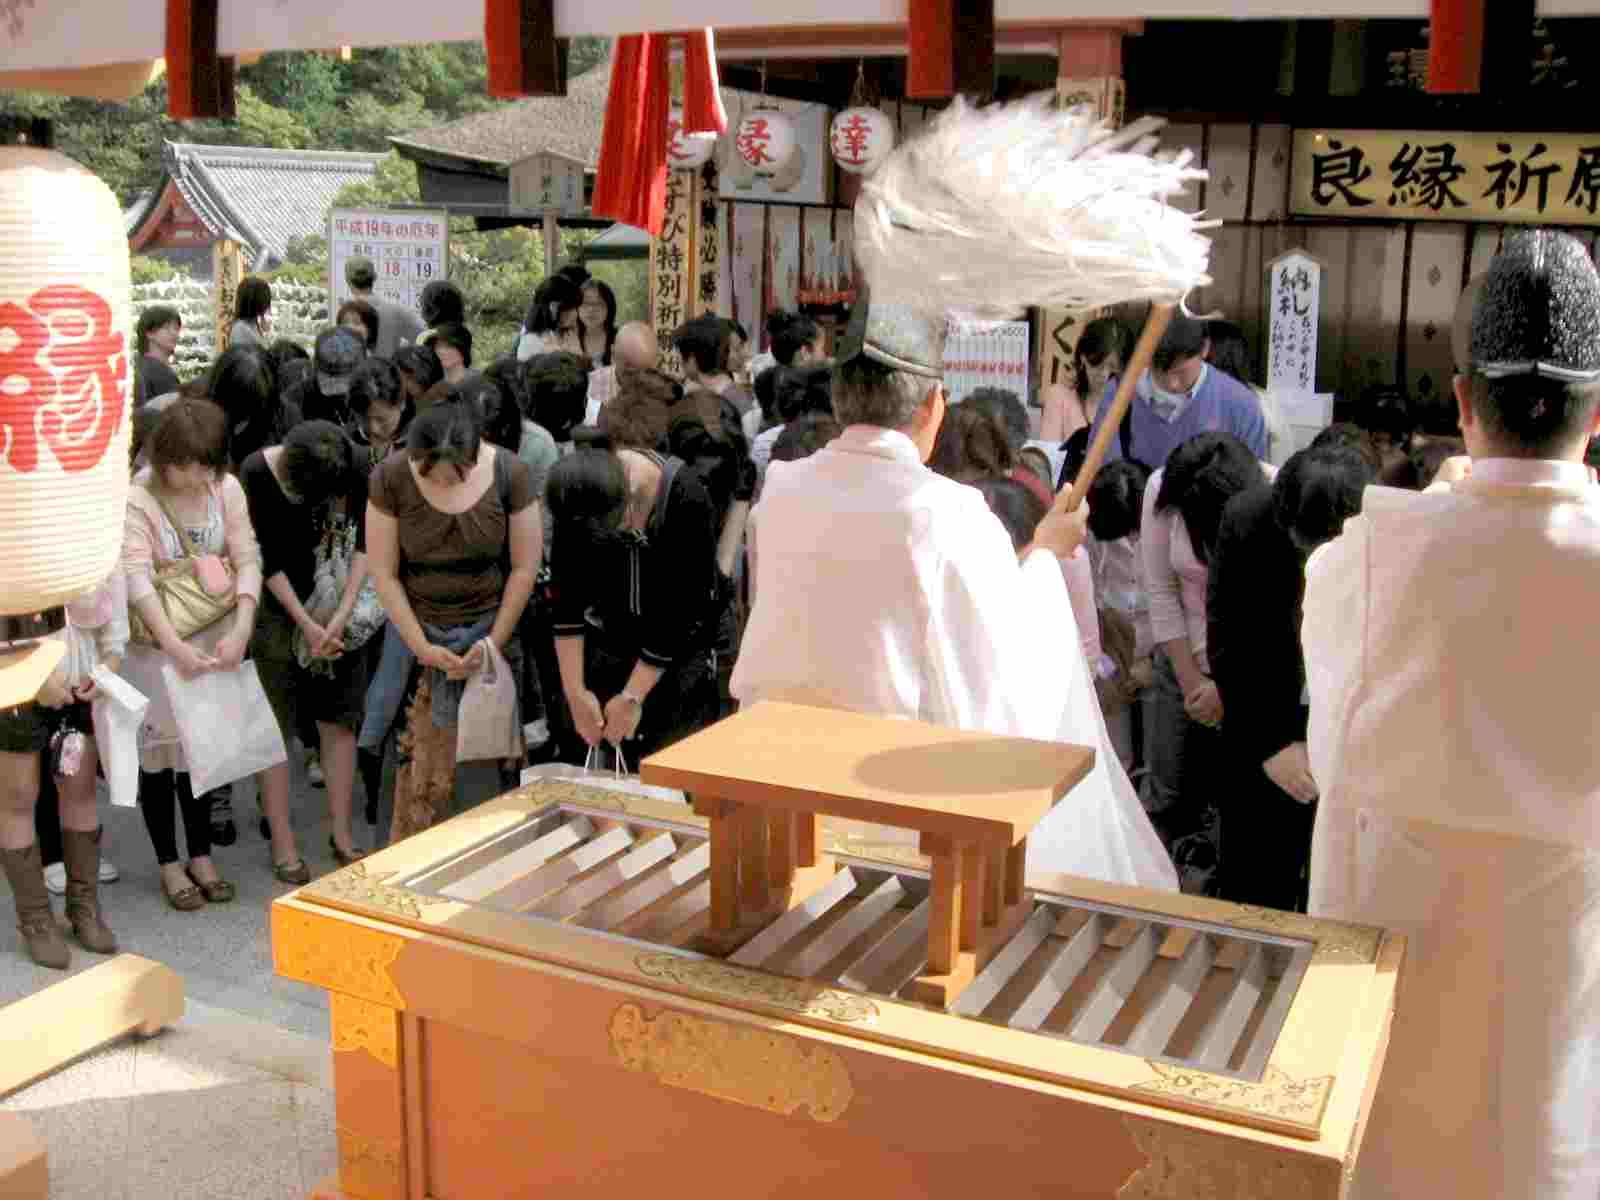 えんむすび地主祭り 修祓の儀